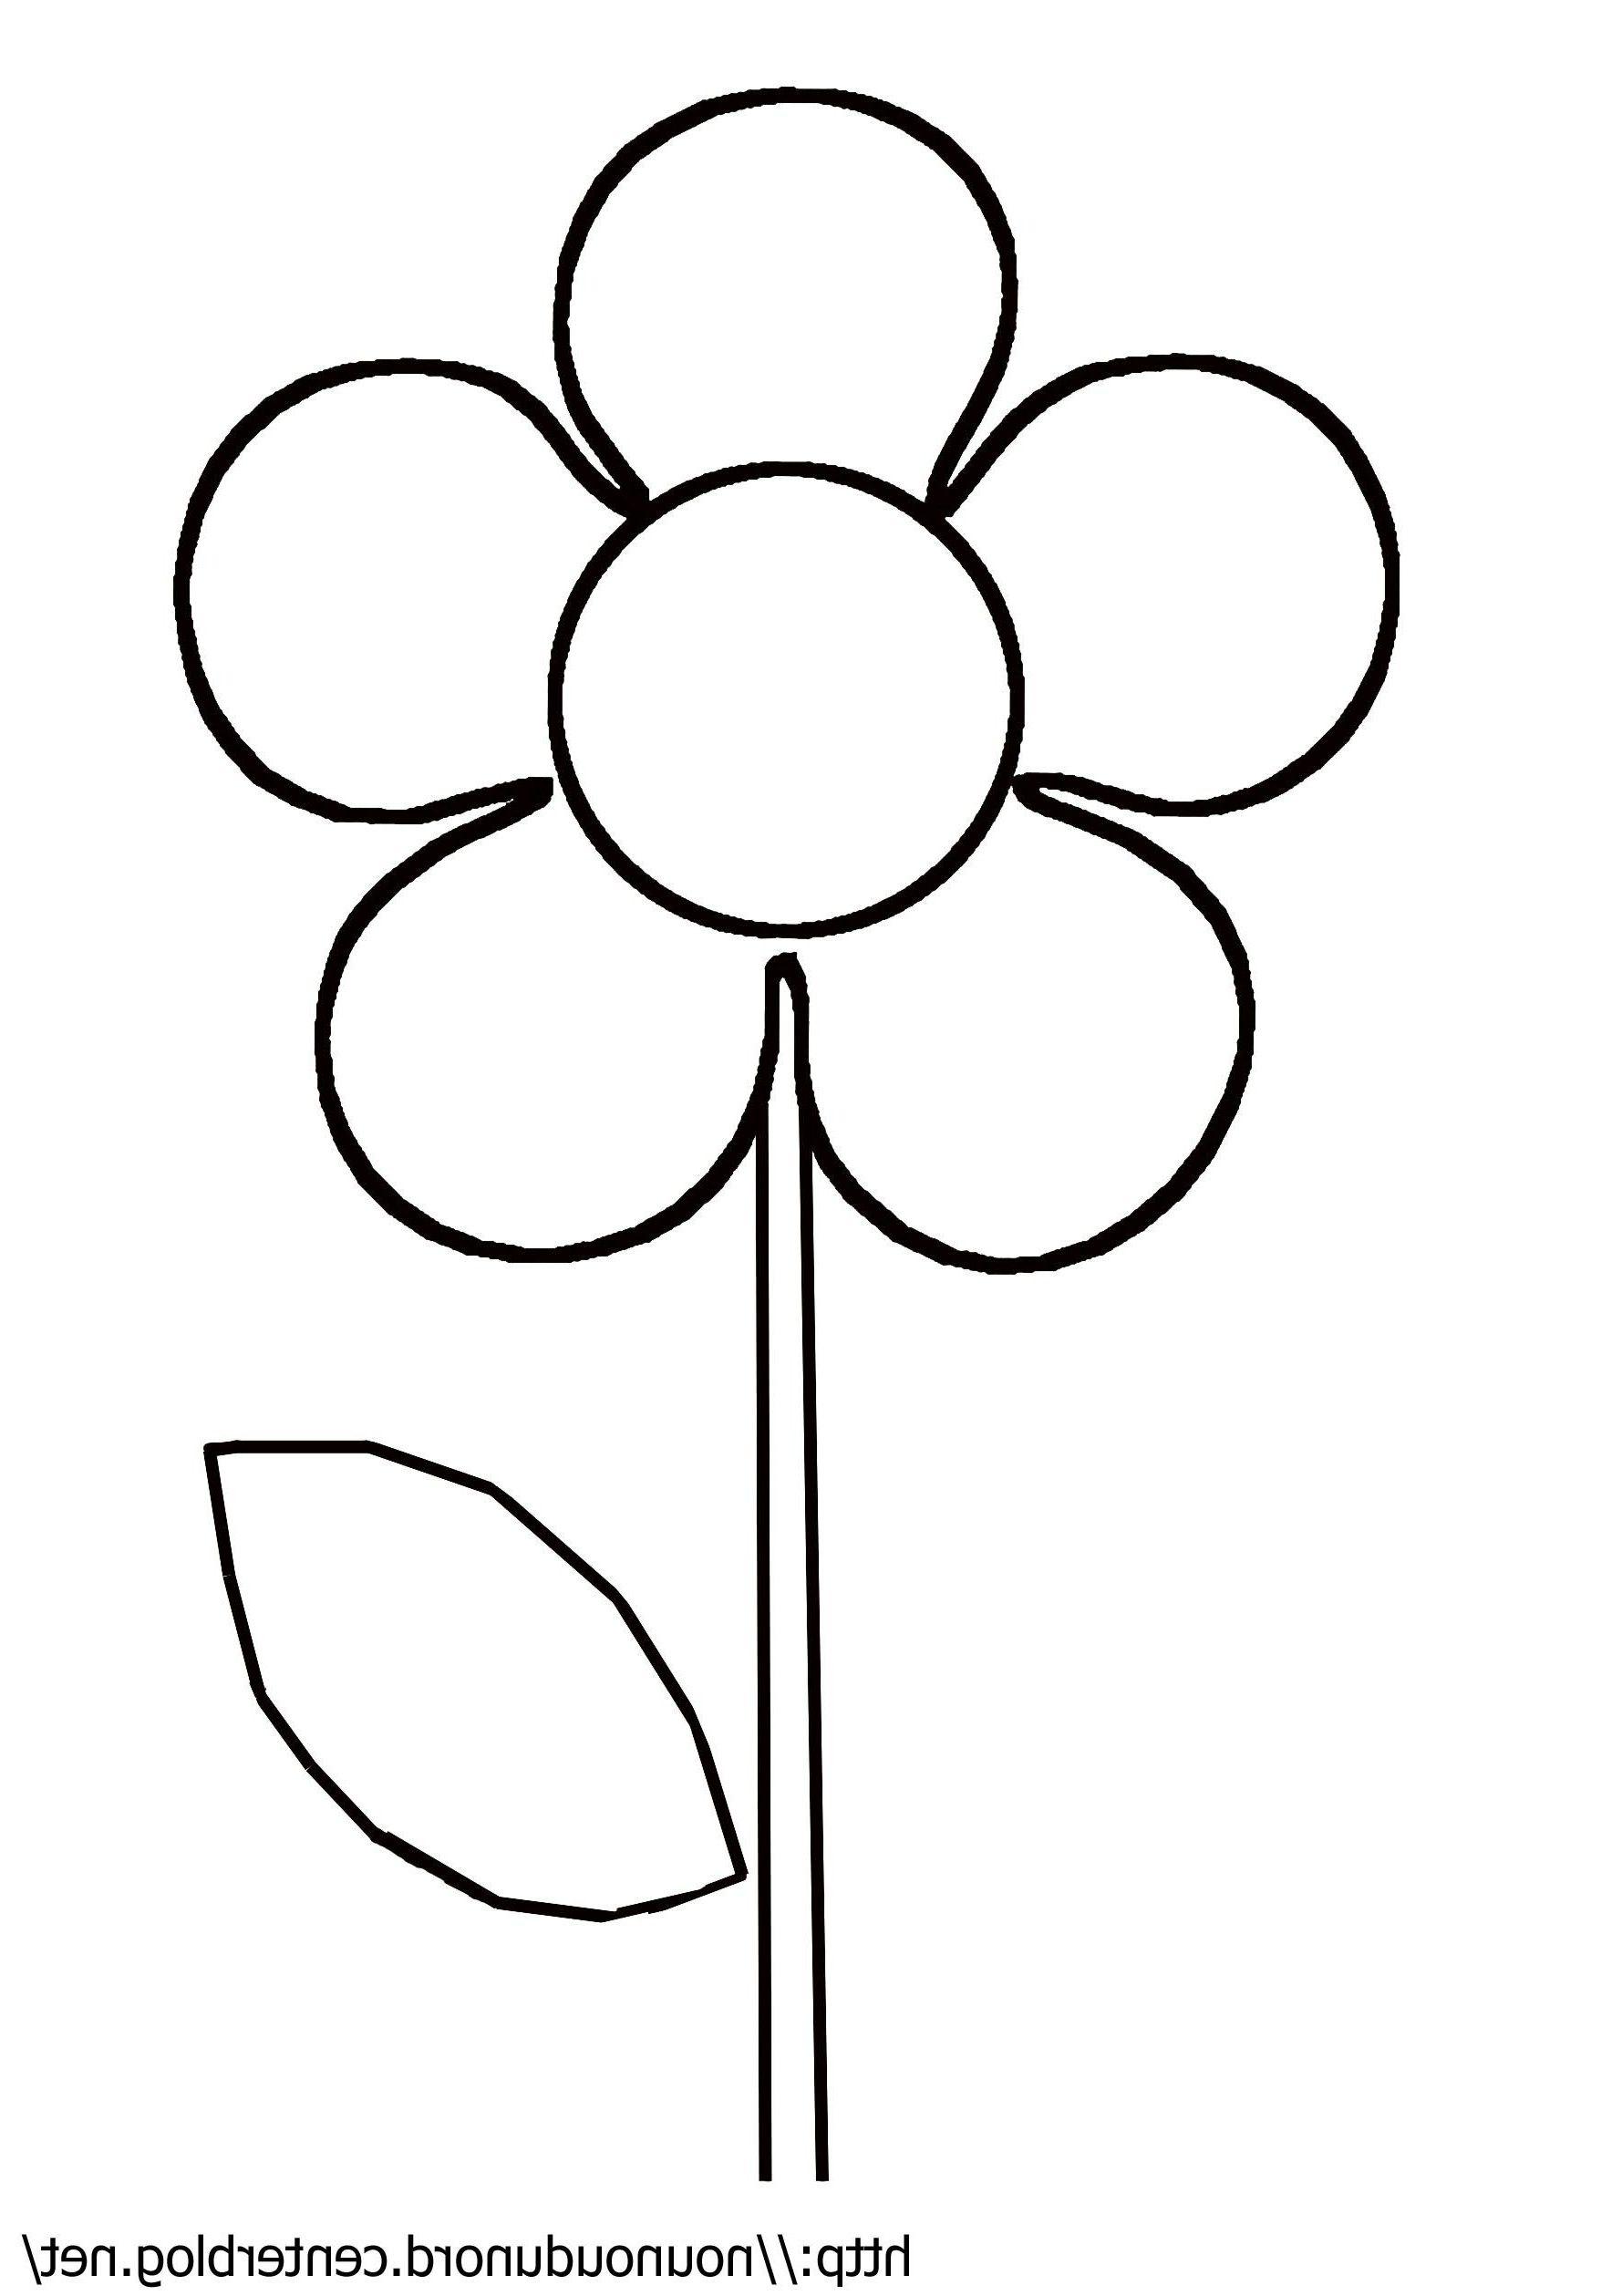 14 Tendance Coloriage Fleurs Maternelle Images Coloriage Fleur Coloriage Coloriage Fleur A Imprimer